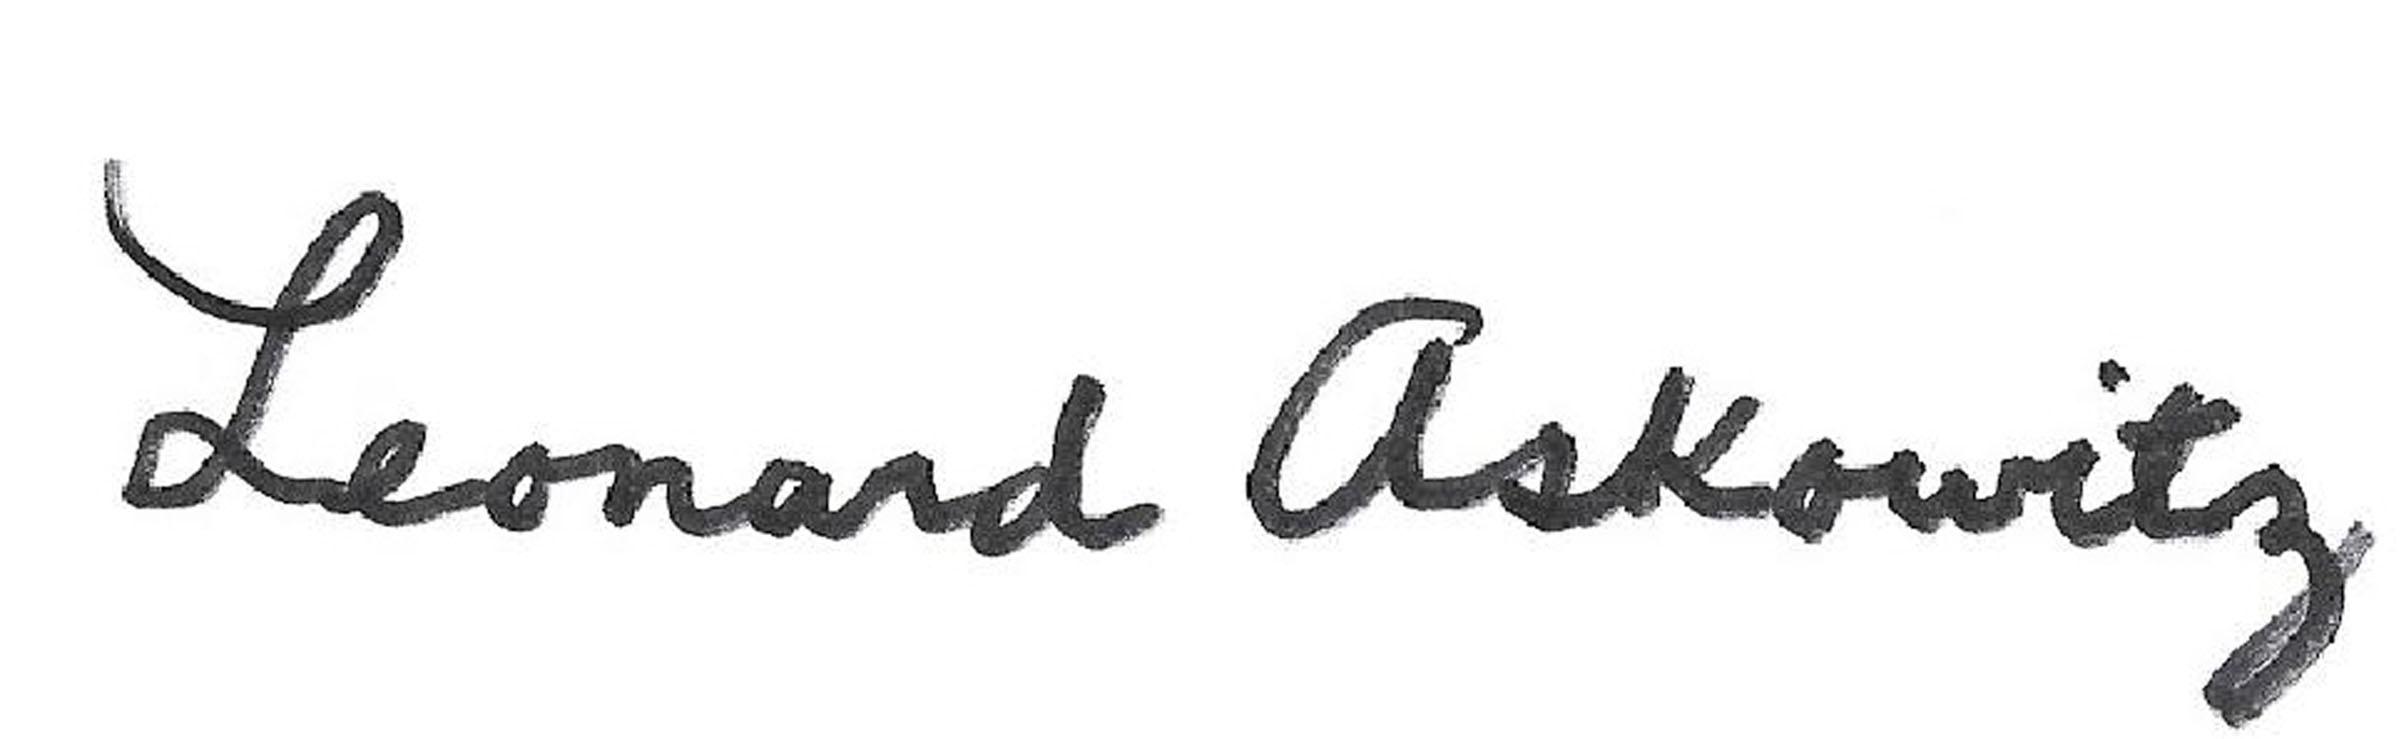 Leonard Askowitz's Signature